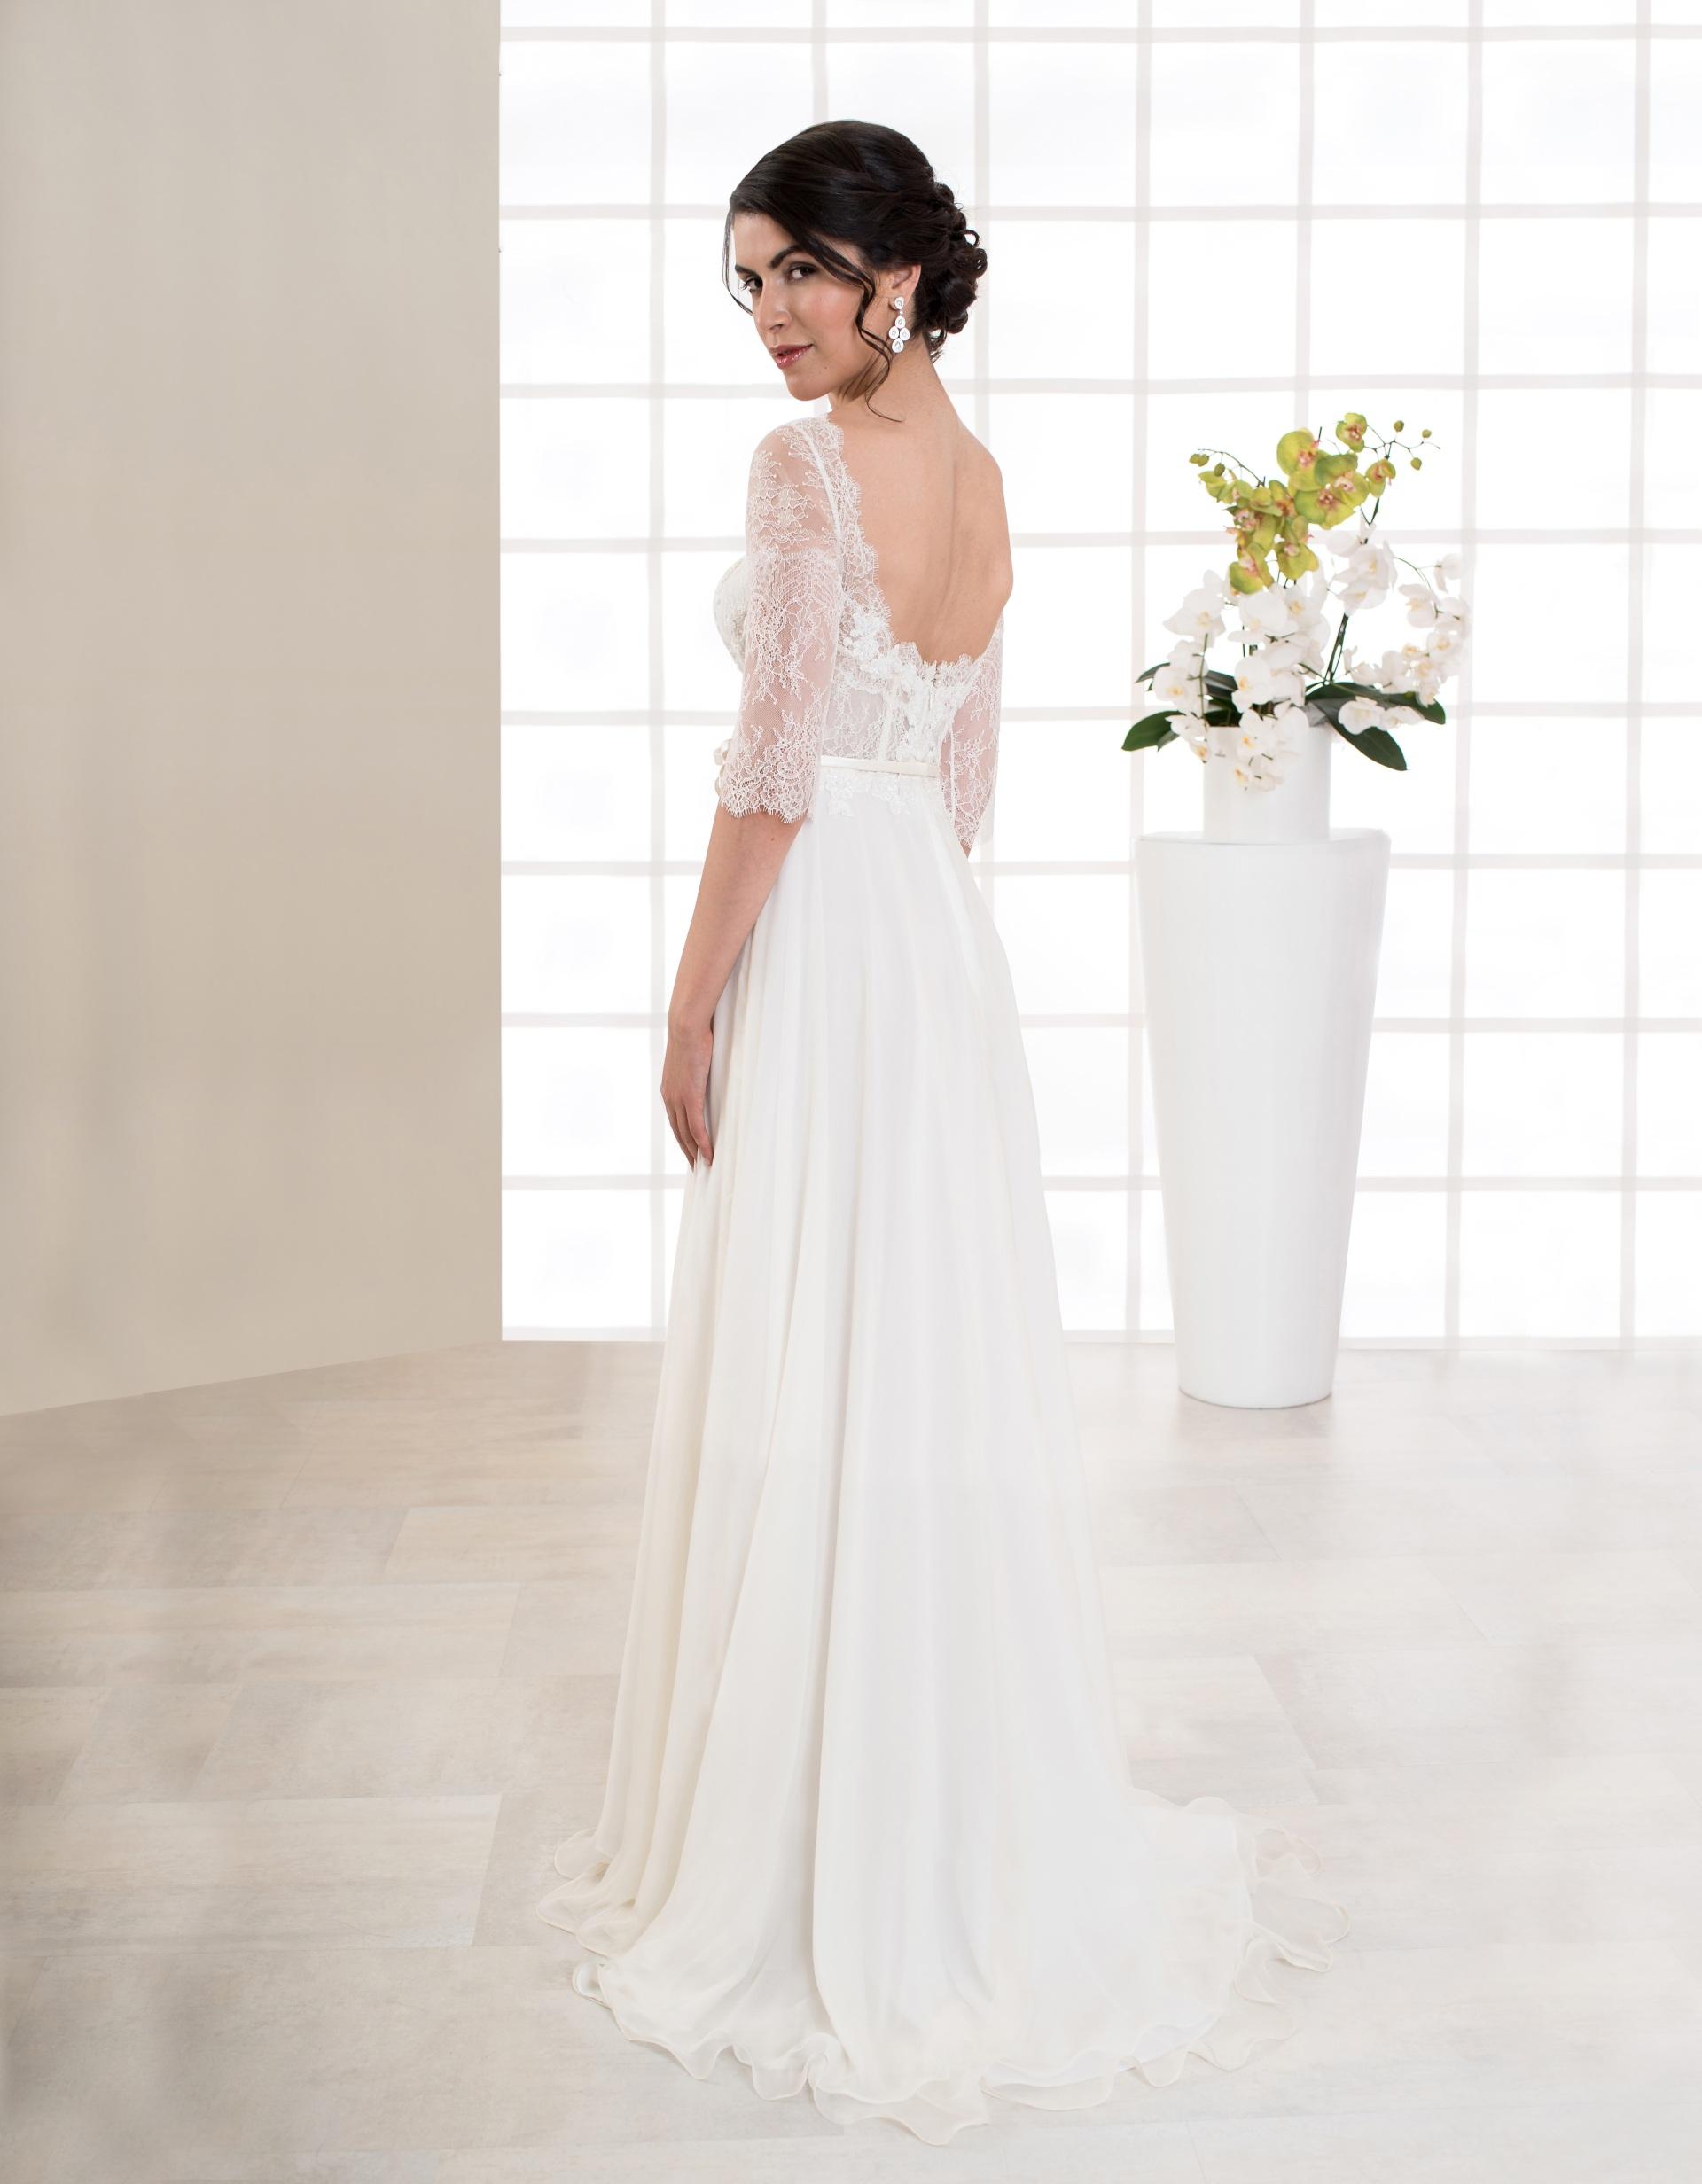 Langes Brautkleid mit langen Ärmeln und Spitze Seitenansicht